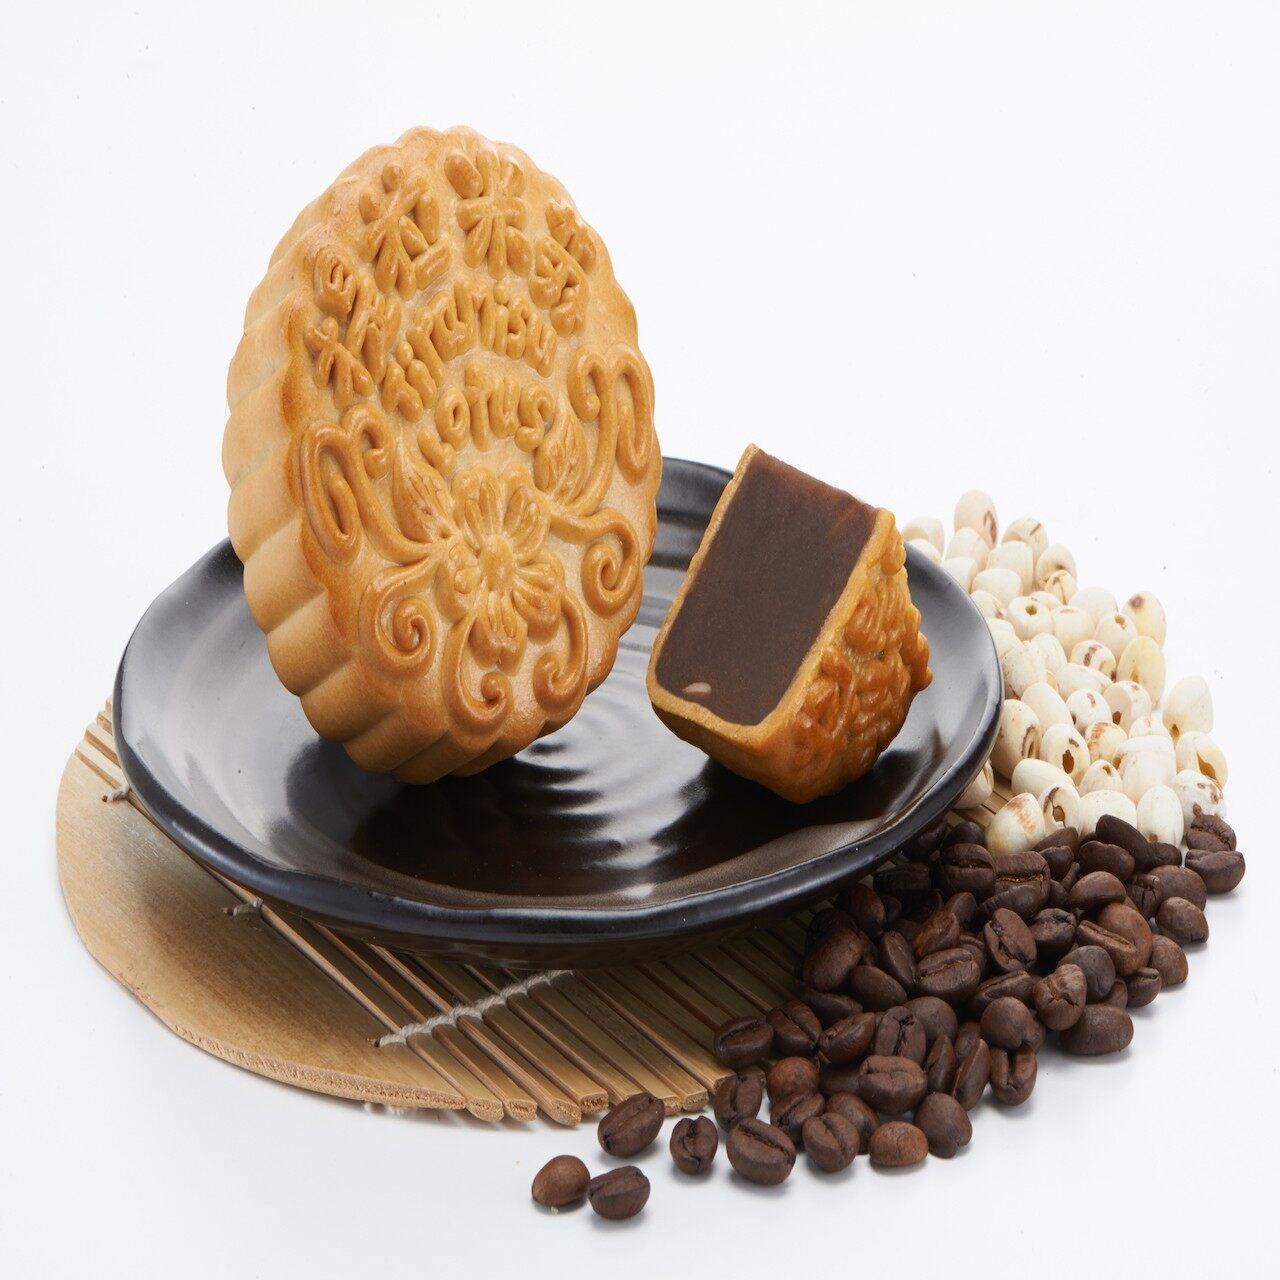 Best Selling [Ready Stock] Mooncake Absolutely Low Sugar Tiramisu Pure Lotus Paste Vegetarian Halal Tong Wah Moon Cake With Gift Box 4 Pcs